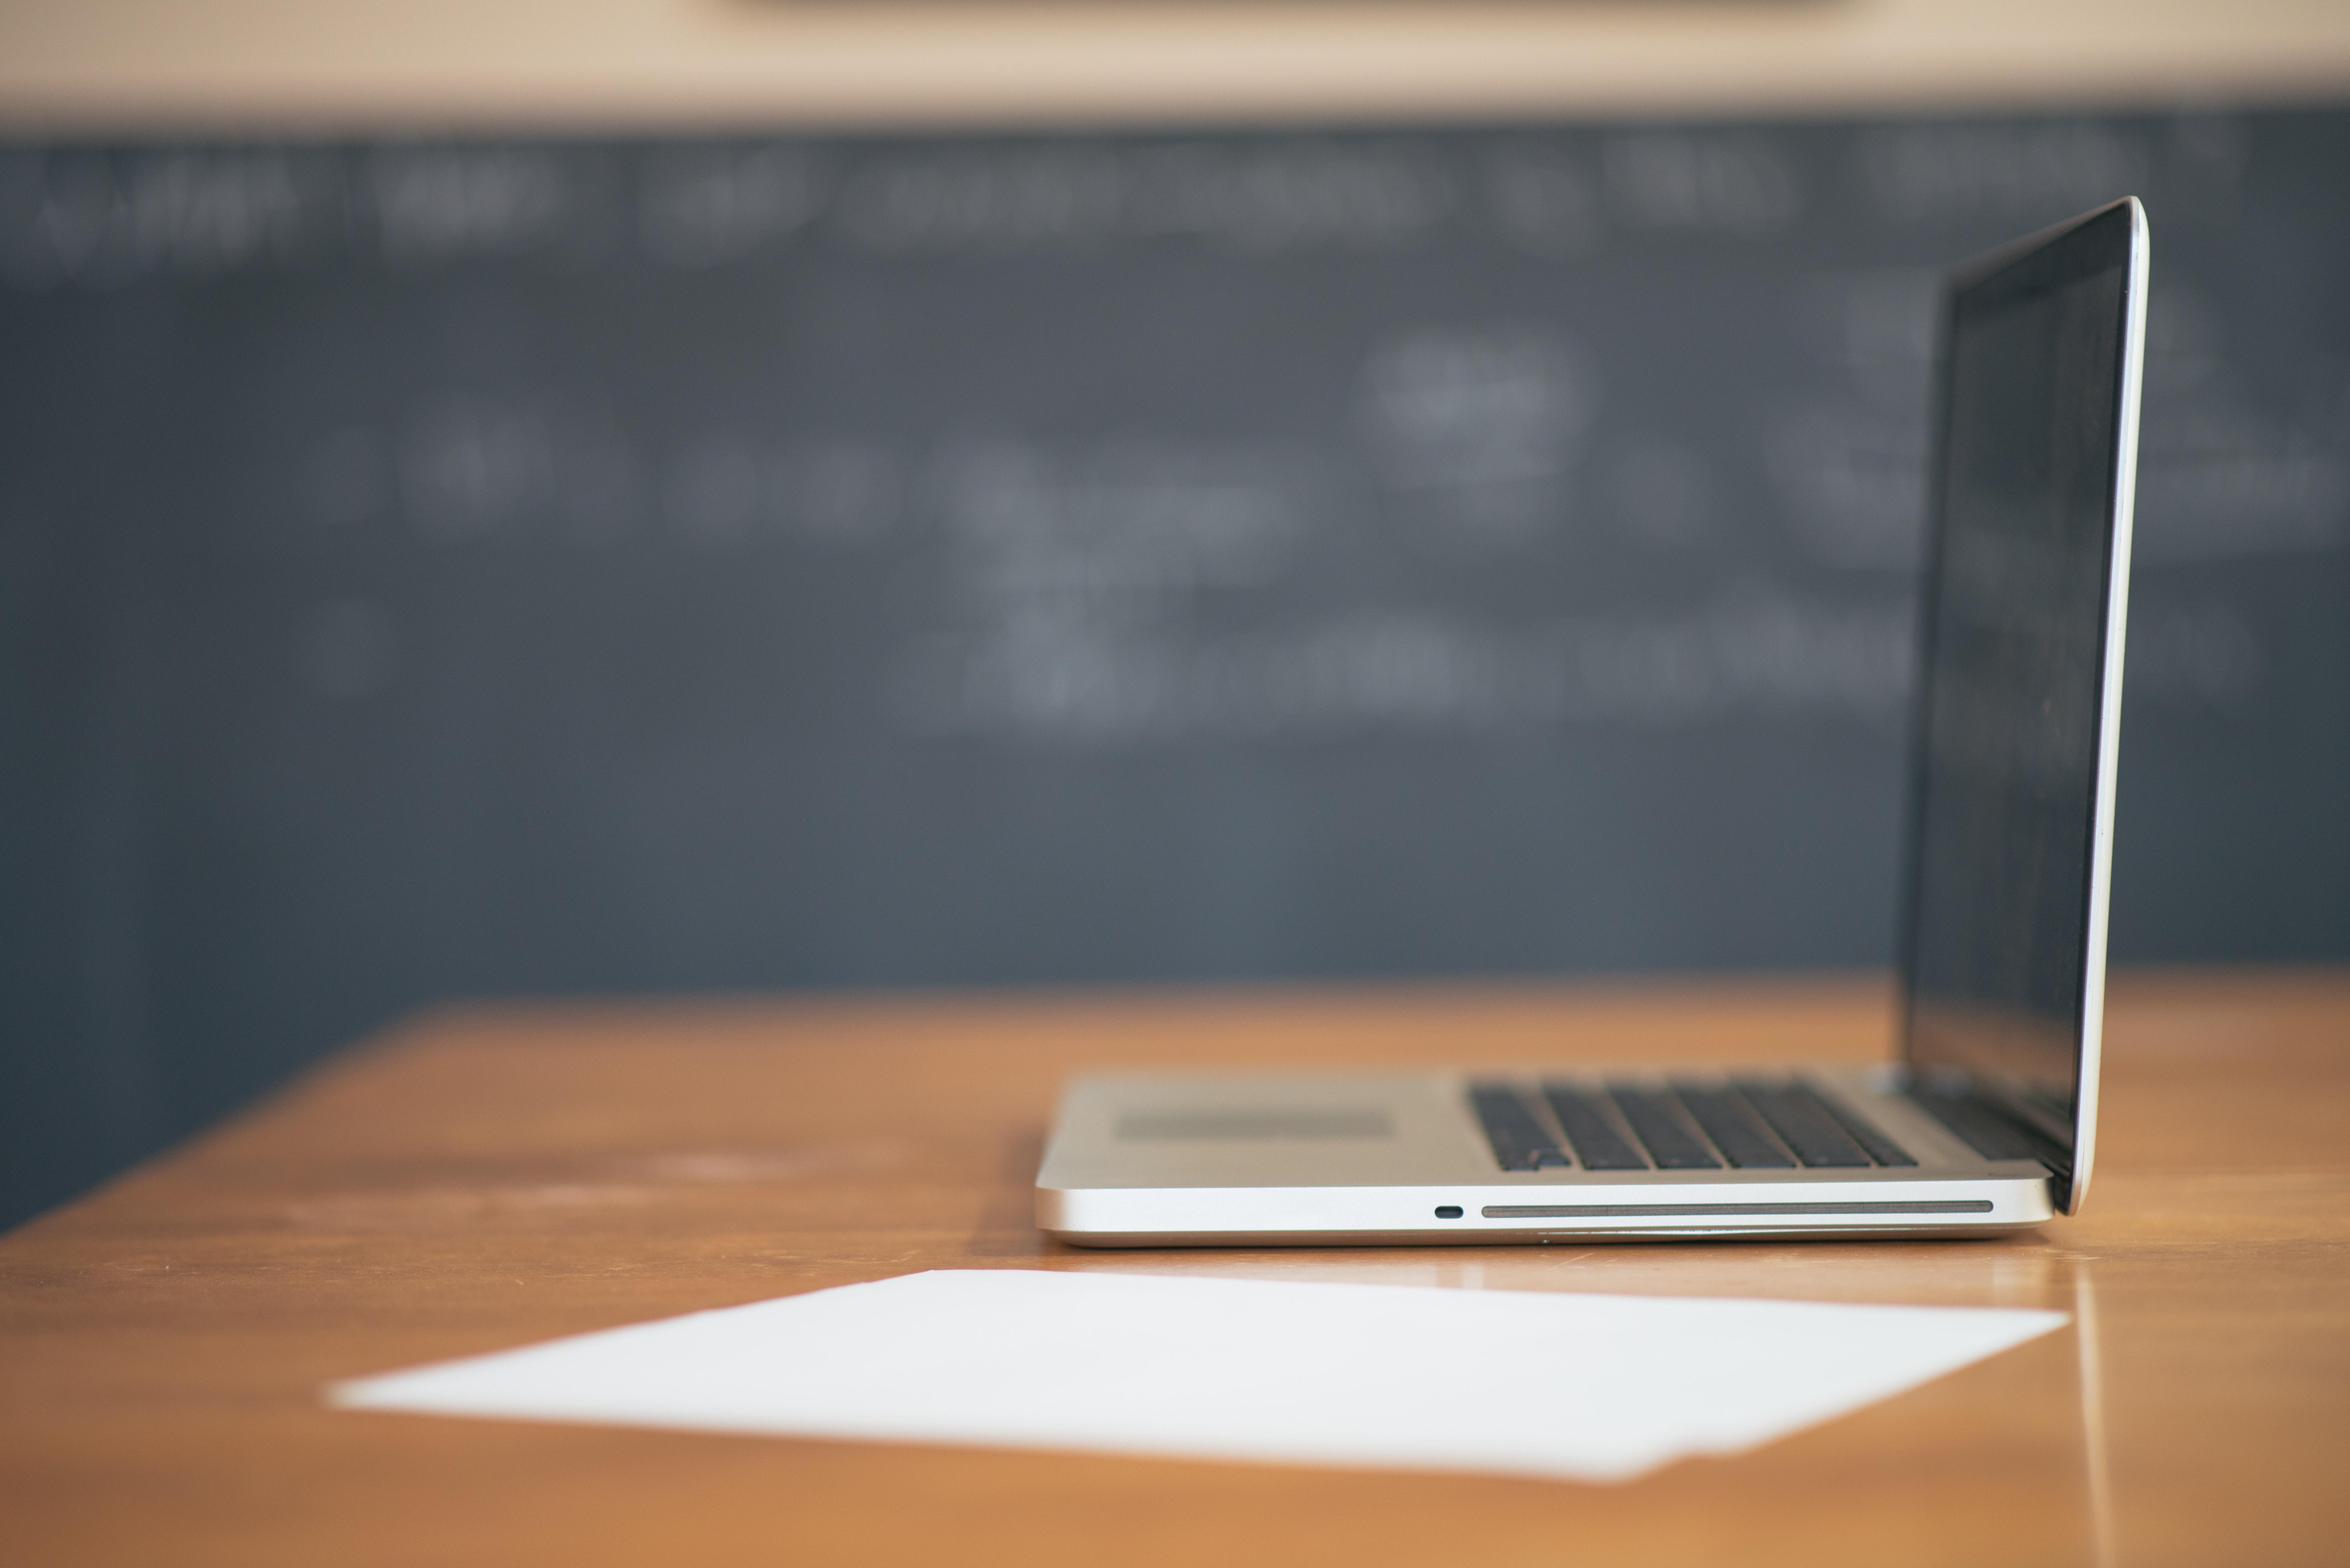 Laptop on a desk